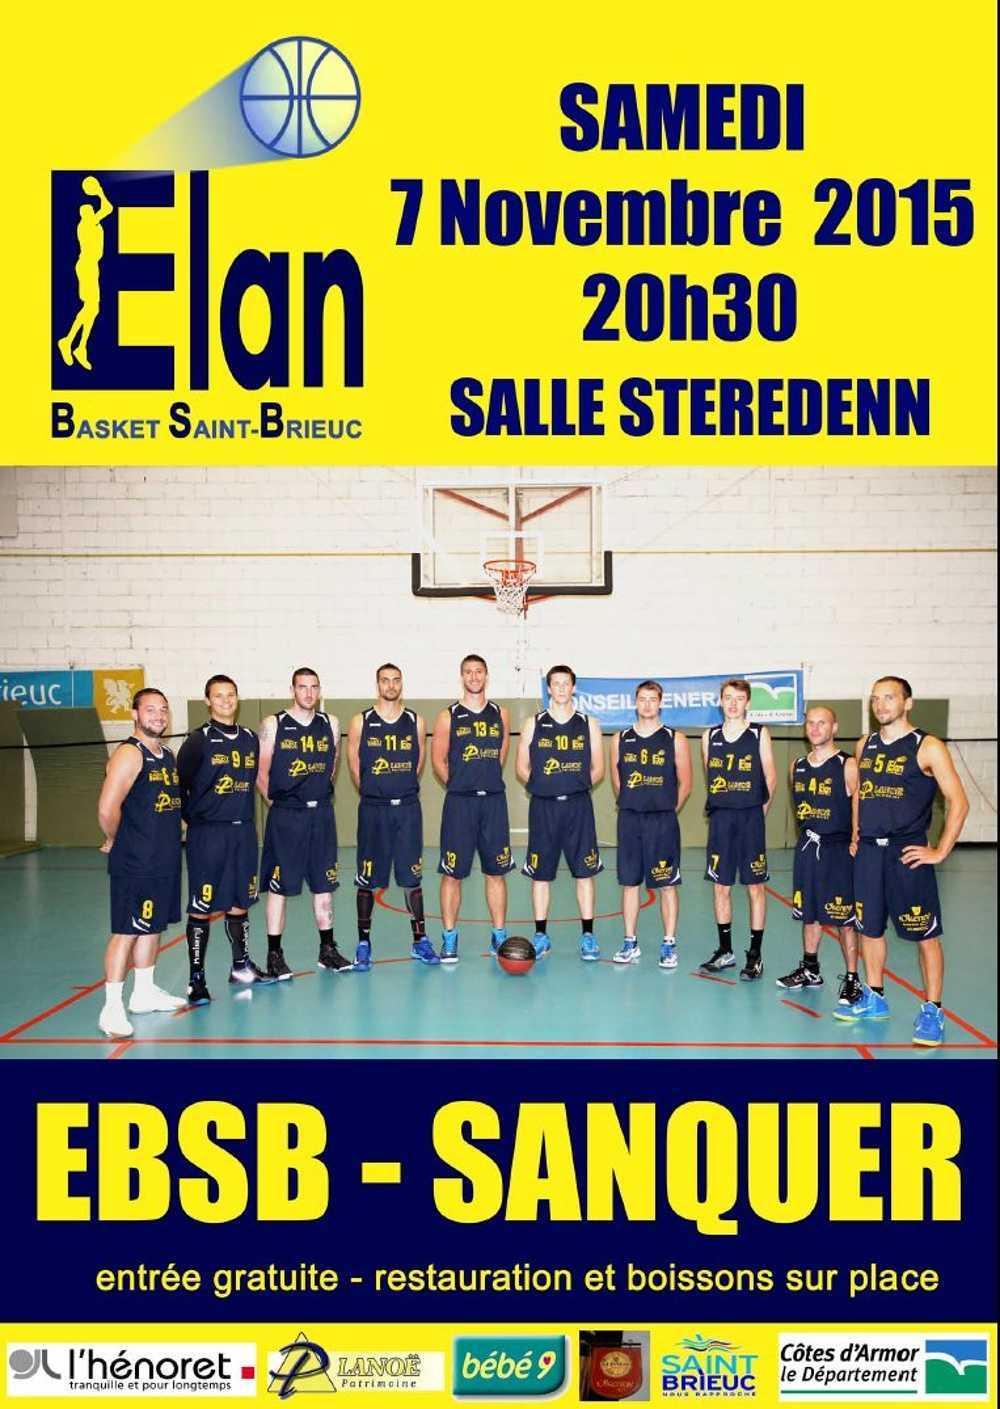 L''Elan Basket rencontre Sanquer le 7 novembre à 20h30, salle Steredenn 0